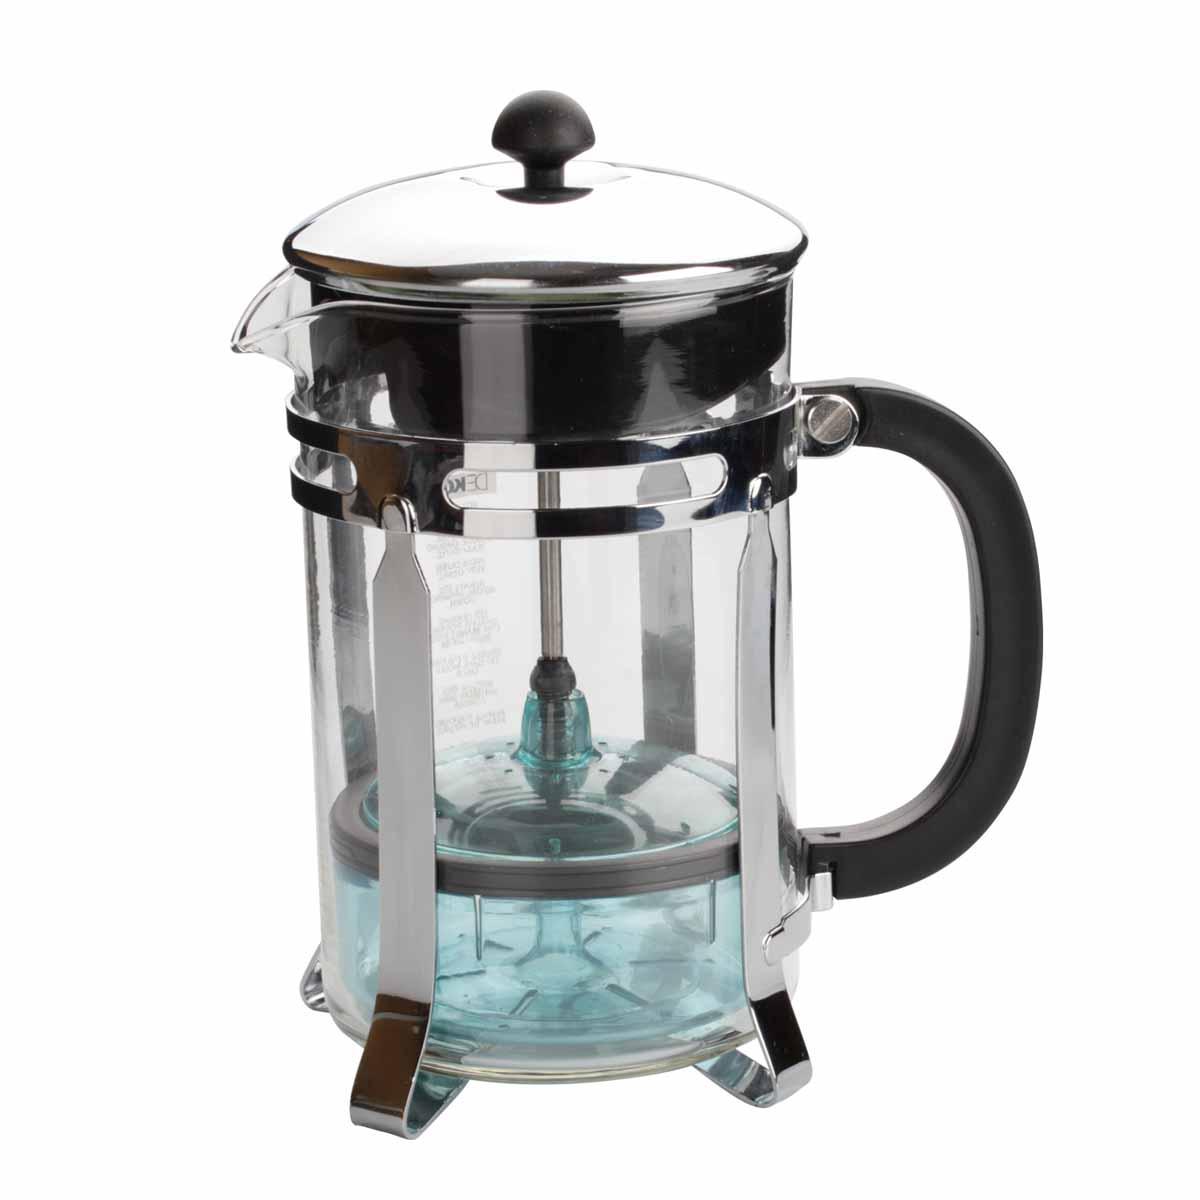 Чайник Dekok Press-Filter, 800 мл54 009312Чайник Dekok Press-Filter c встроенным в крышку пресс-фильтром в виде оригинального контейнера позволит приготовить за 3-5 минут несколько чашек чая или кофе. Изделие оснащено эргономичной пластиковой ручкой. Конструкция носика антикапля удобна для разливания напитков в чашки. Емкость чайника выполнена из жаропрочного стекла, основание - из стали. Надежное устройство фильтра обеспечивает идеальную фильтрацию ароматного напитка. Неоспоримым плюсом кухонныхустройств Dekok является: - инновационность - новый взгляд на привычные приспособления, возможность их настроек и регулировок,- многофункциональность - во многих изделиях идеально воплощен принцип все в одном,- индивидуальный подход - различные варианты комплектаций и размеров кухонных устройств позволят подобрать инструмент с учетом индивидуальных потребностей.Размер чайника (без учета крышки): 11 см х 9,5 см х 16 см.Объем: 800 мл.